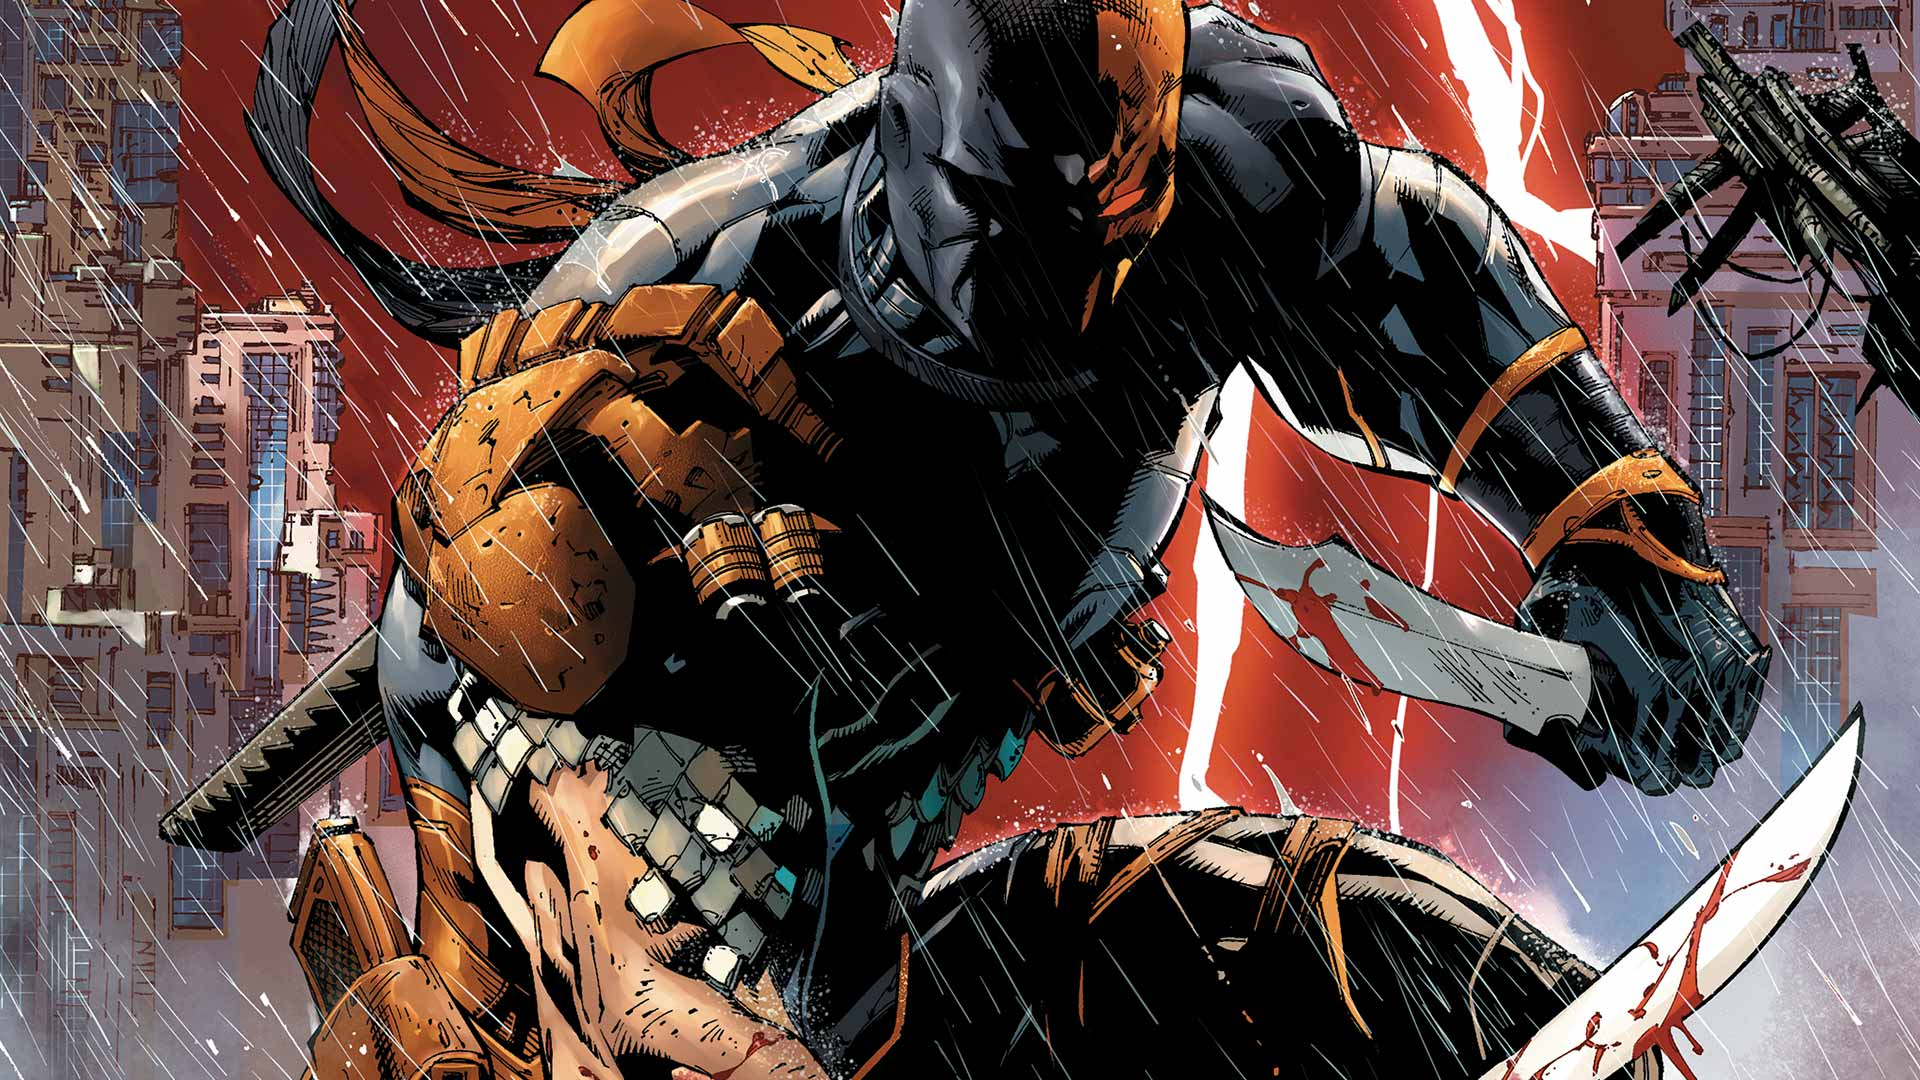 小道消息透露《自殺突擊隊2》明年開拍!劇中「也會在《蝙蝠俠》電影中出現」反派讓粉絲瘋掉了!